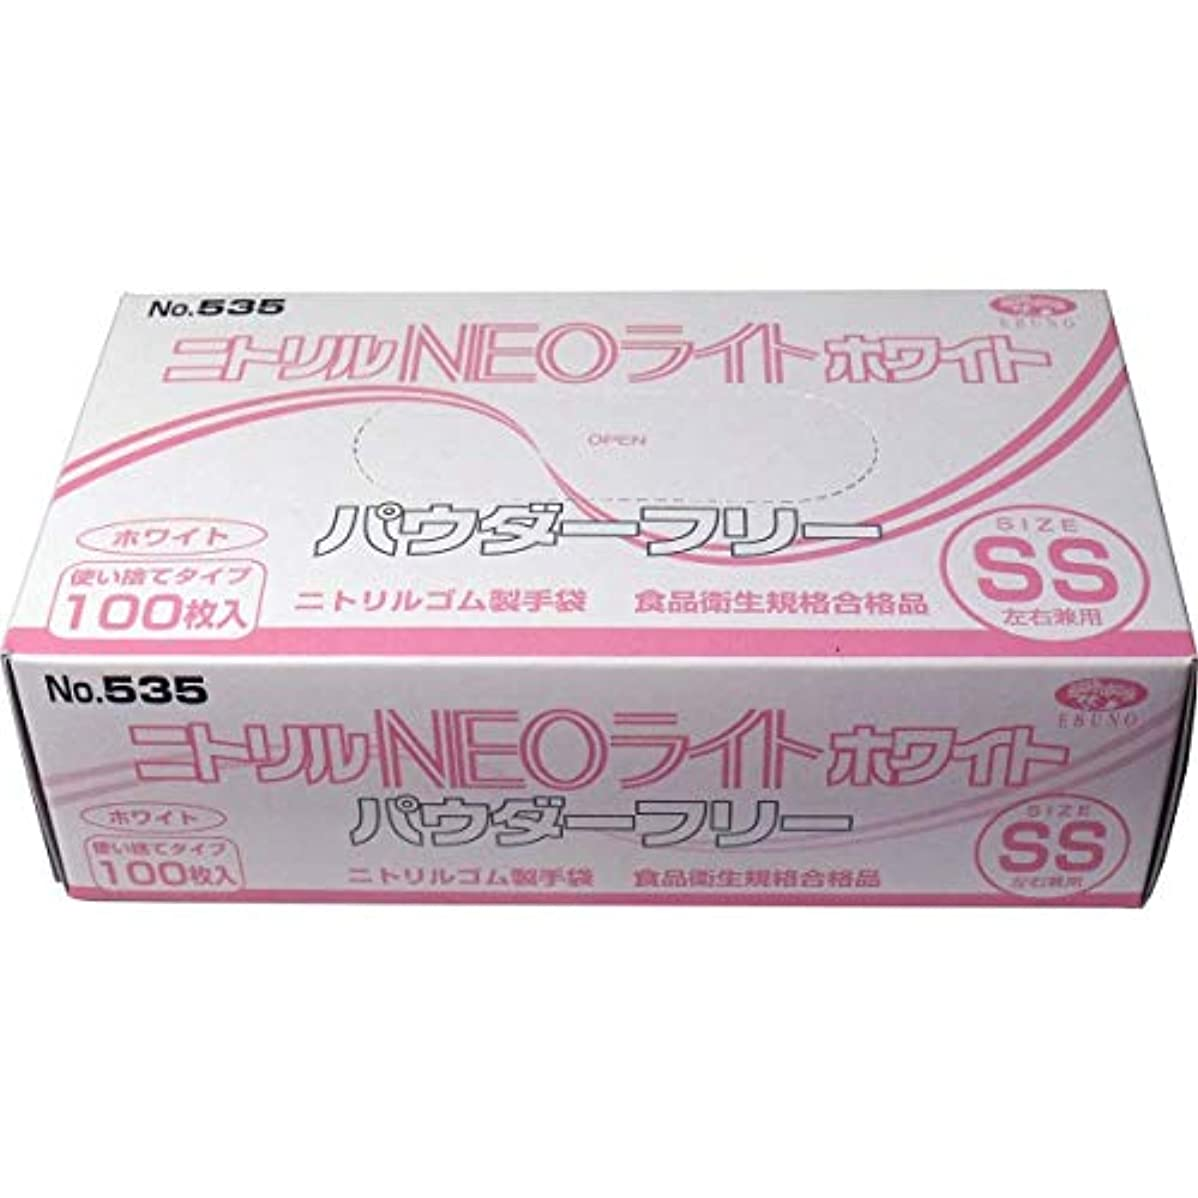 救急車脊椎注意ケース販売 エブノ No.535 ニトリル手袋 ネオライト パウダーフリー ホワイト SSサイズ 100枚入 ×30個